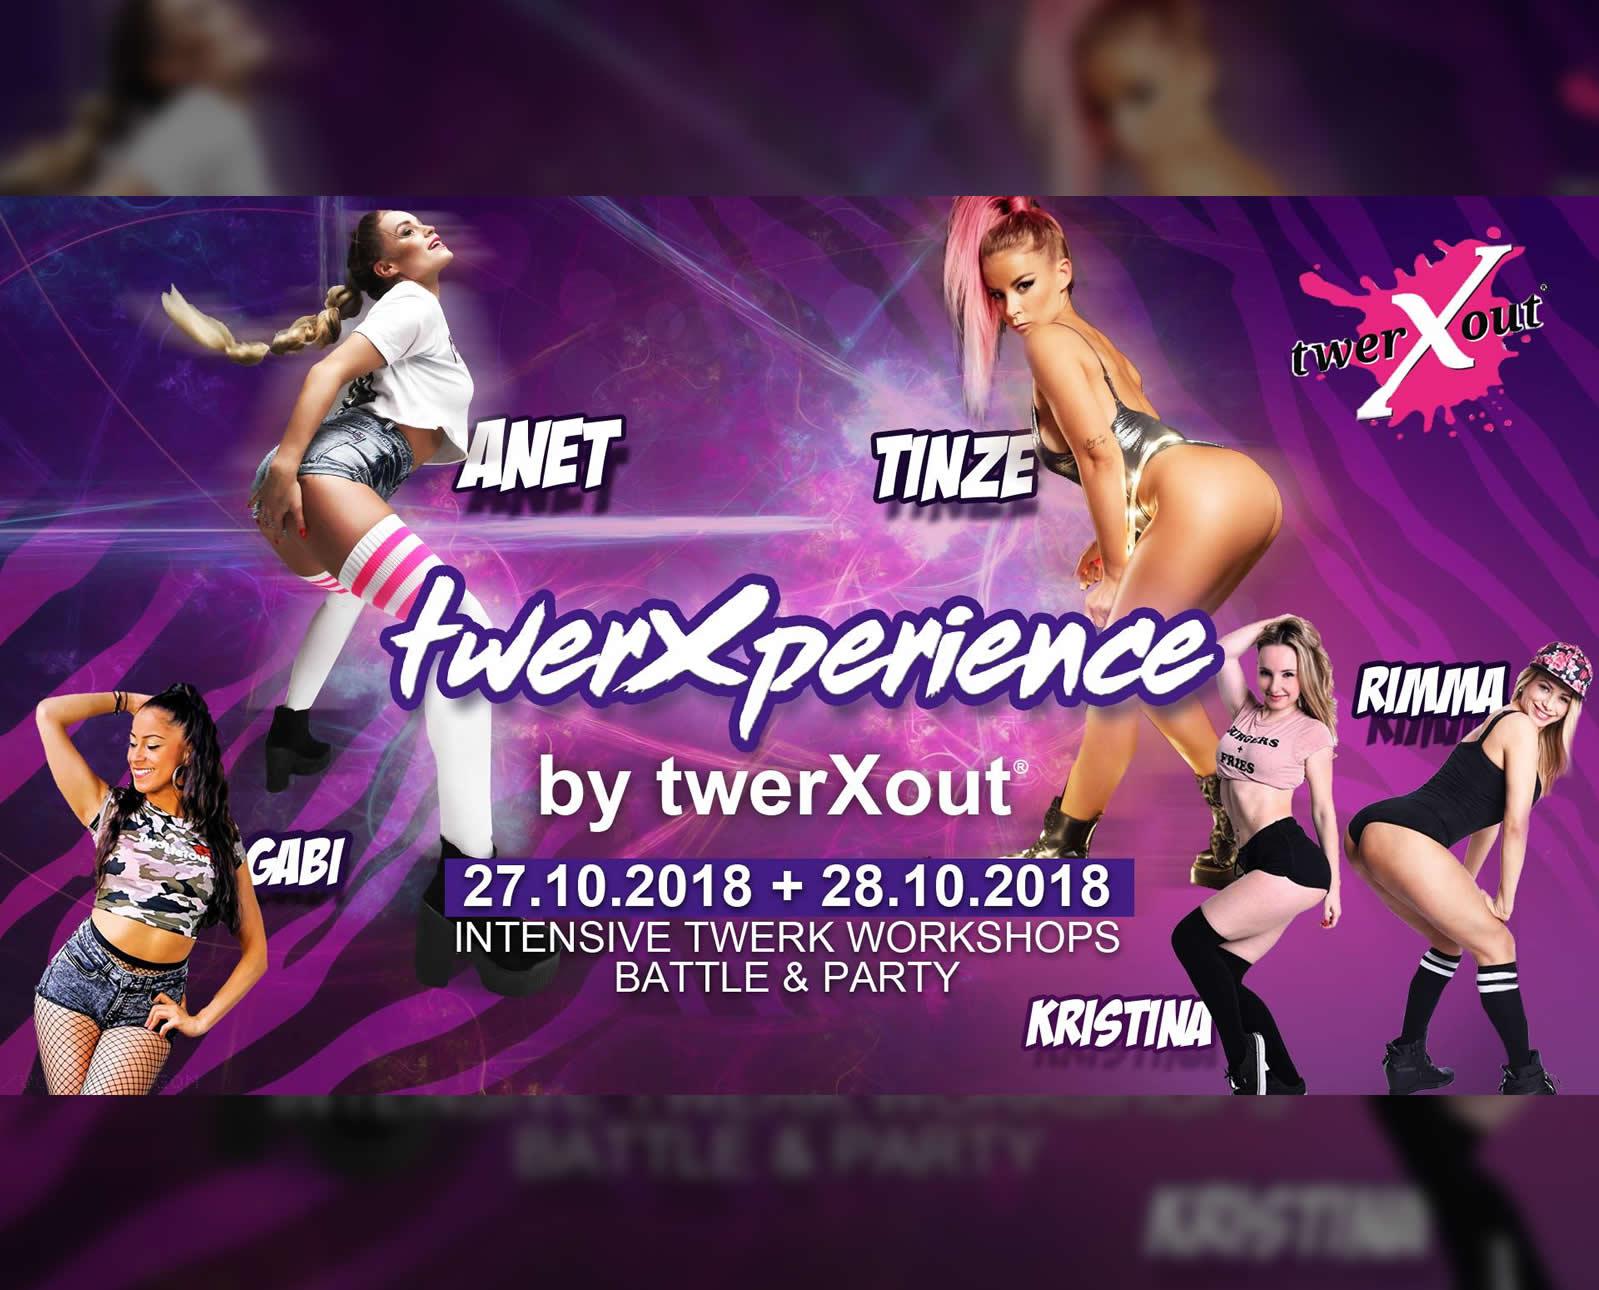 twerXperience –  Intensive Twerk Workshops by twerXout®